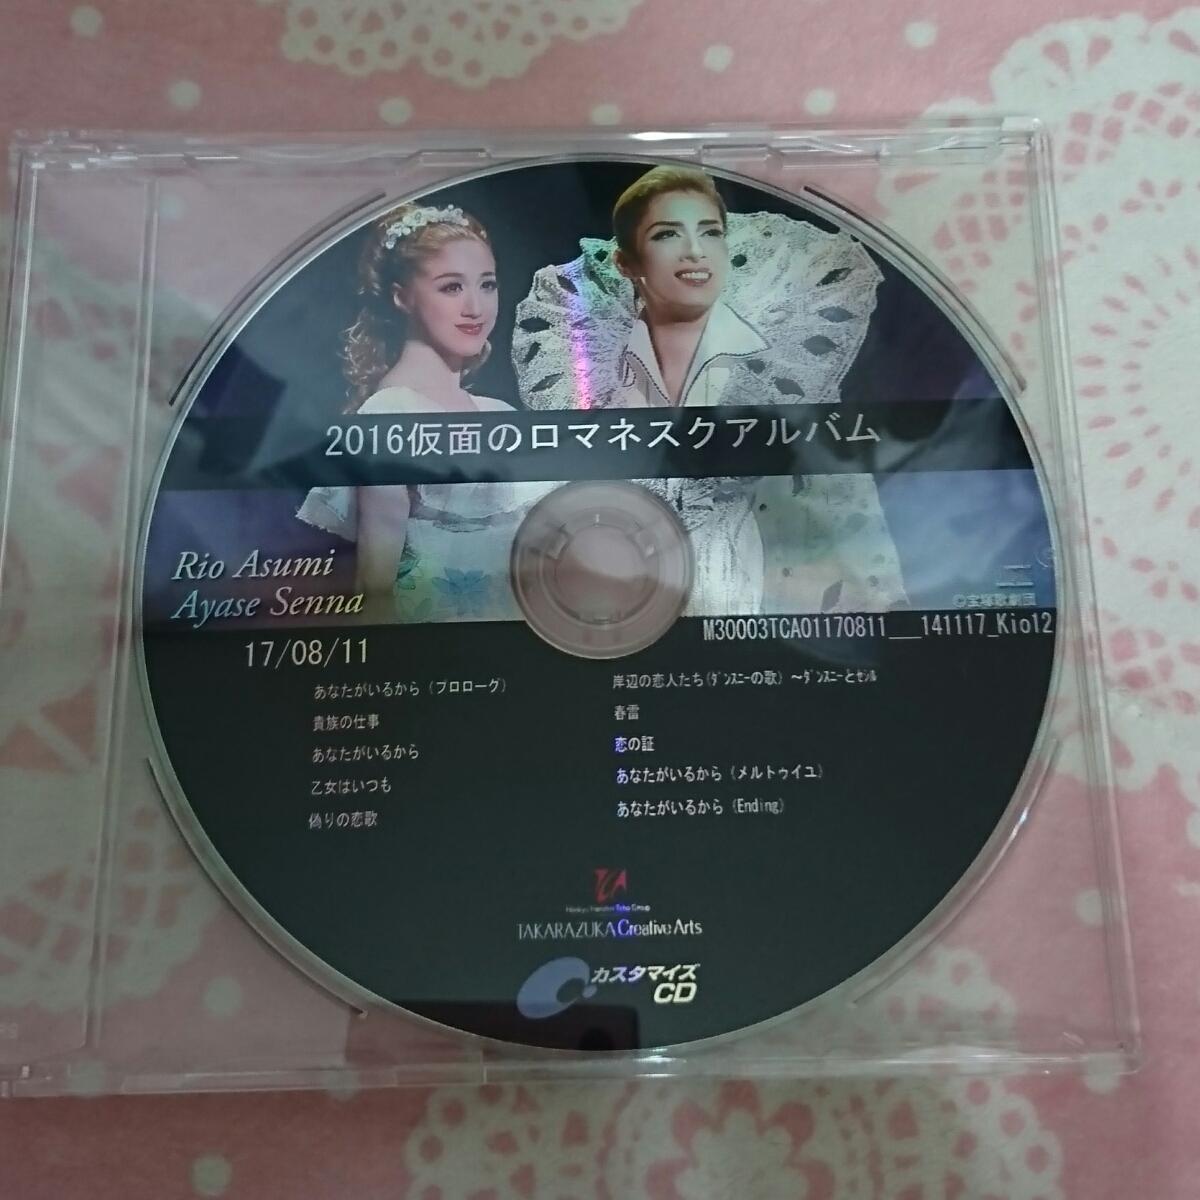 宝塚 仮面のロマネスク CDアルバム 明日海りお 花乃まりあ 柚香光